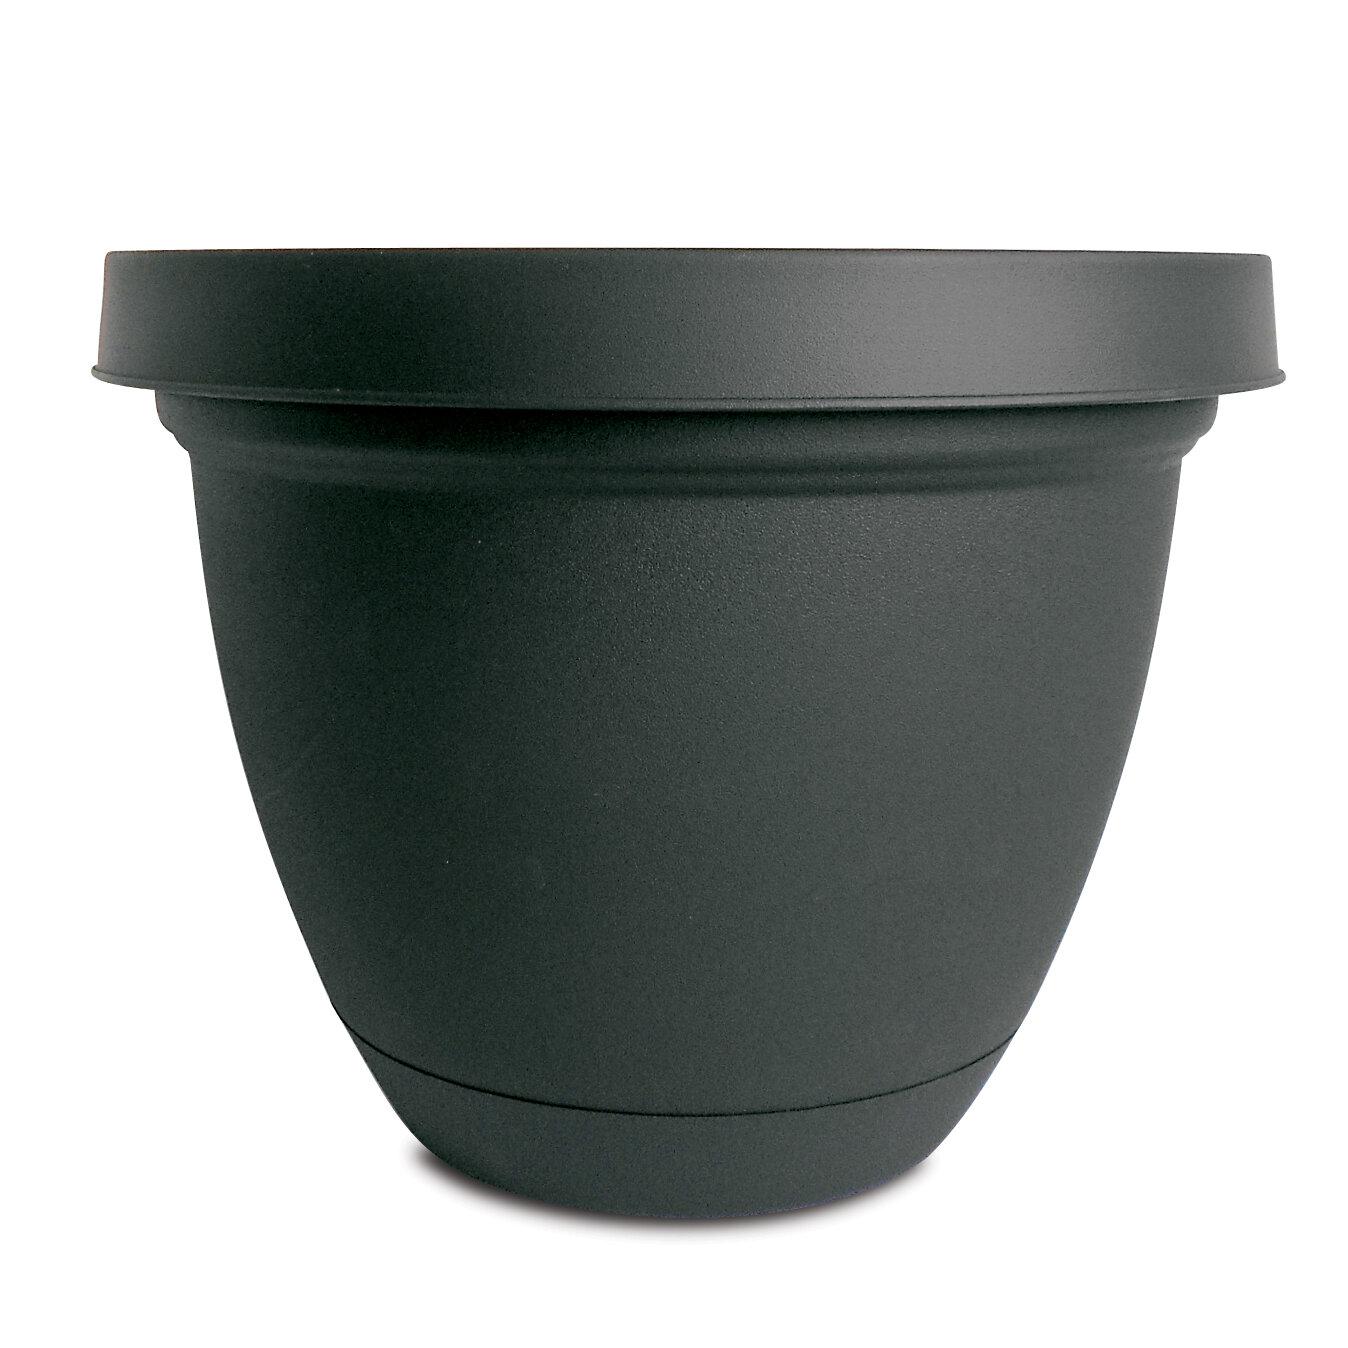 Akro Mils Lawn U0026 Garden Infinity Self Watering Vinyl Pot Planter With  Saucer | Wayfair